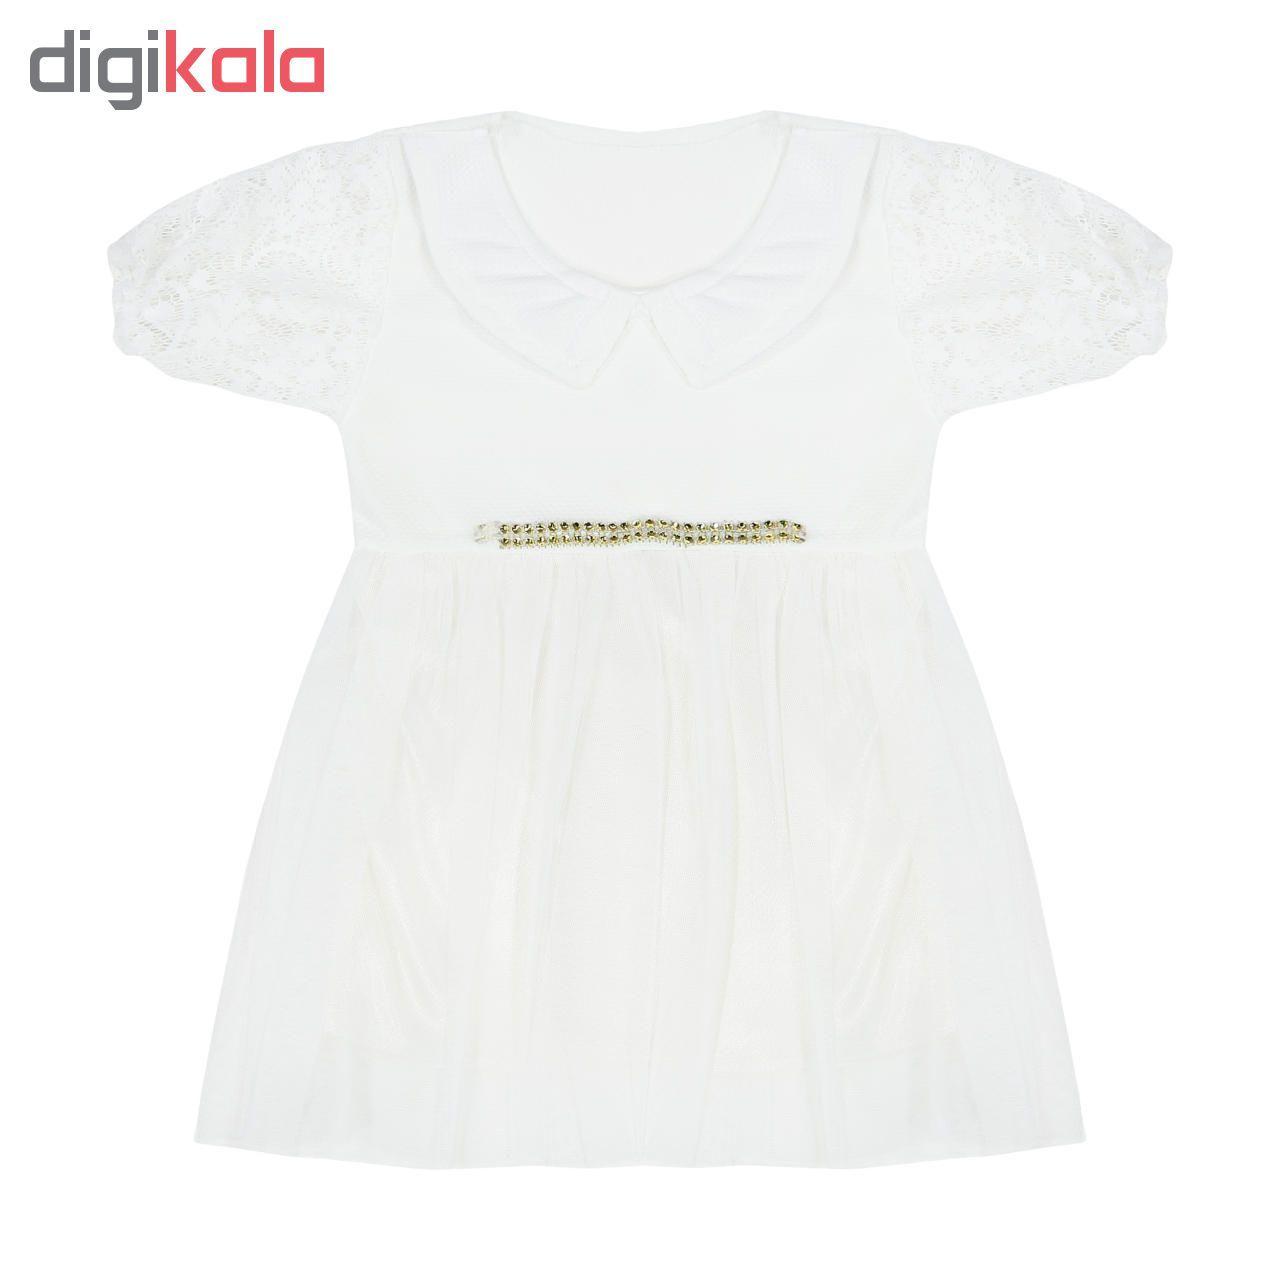 پیراهن دخترانه کد 102.2.3 مجموعه 3 عددی main 1 4